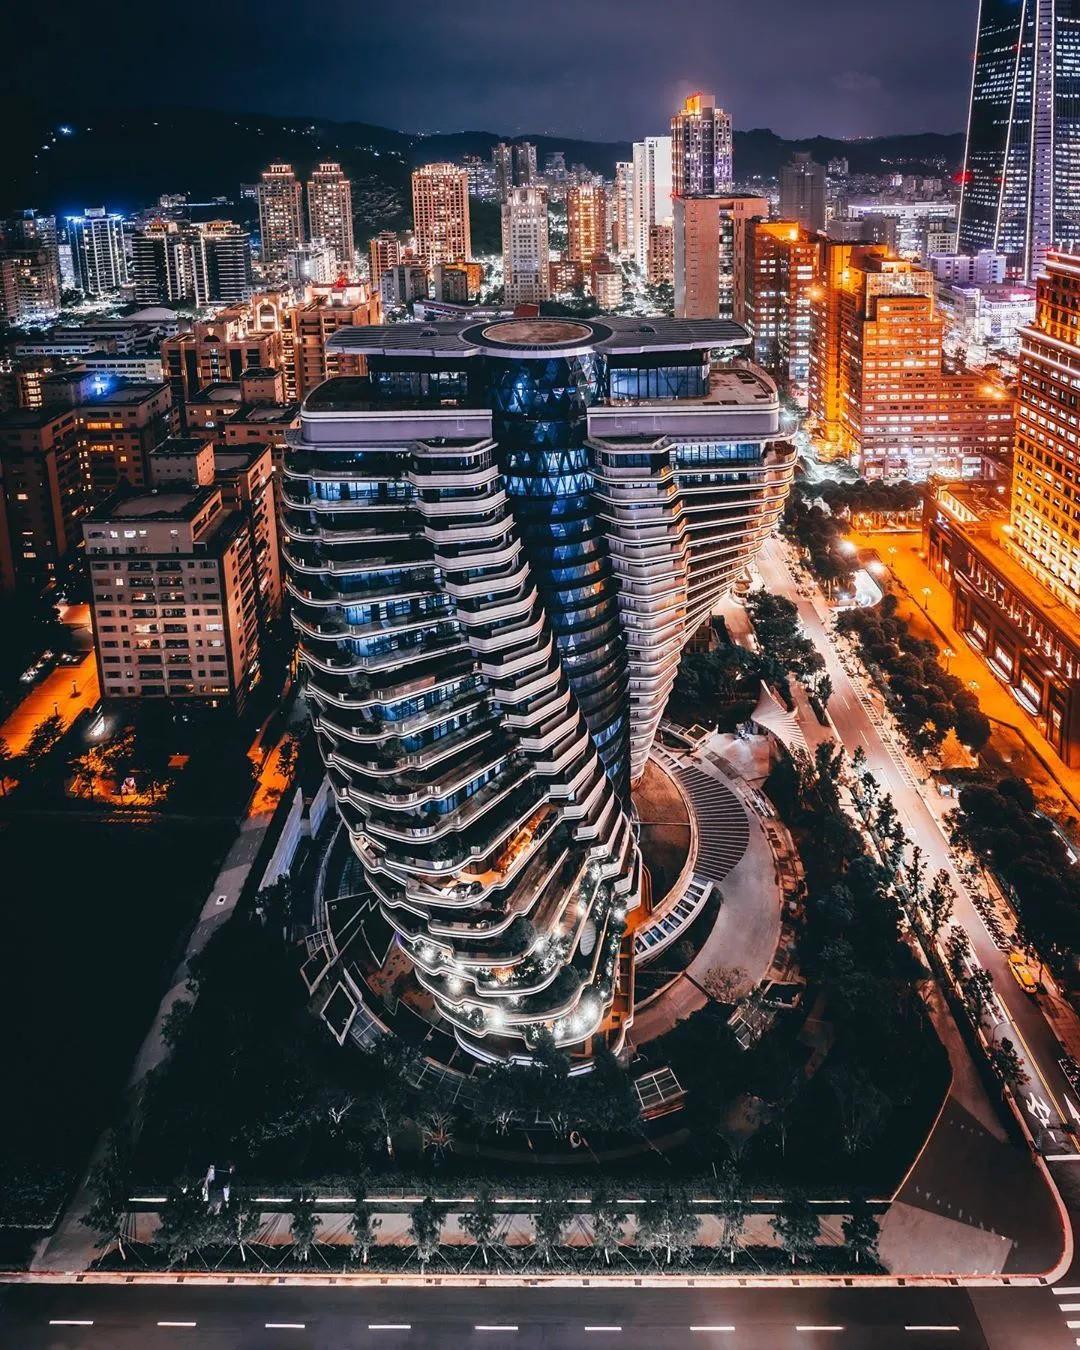 11 góc chụp Đài Loan đẹp nhất qua ống kính của nhiếp ảnh gia Thái Lan, đến cả dân bản xứ cũng không biết - Ảnh 3.